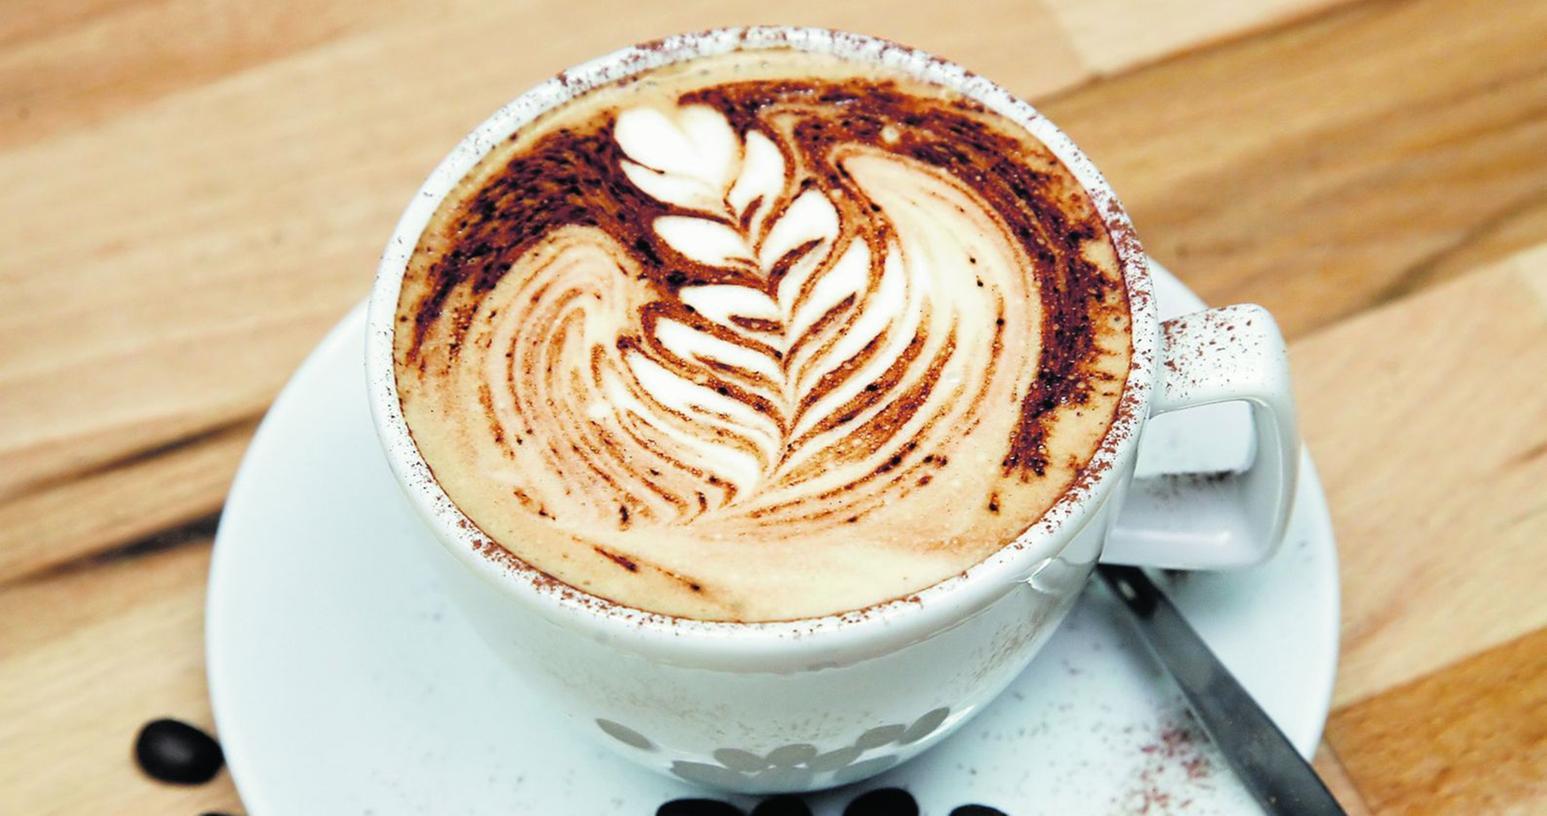 Cappuccino: Ein Kunstwerk, das in Maßen genossen werden sollte.